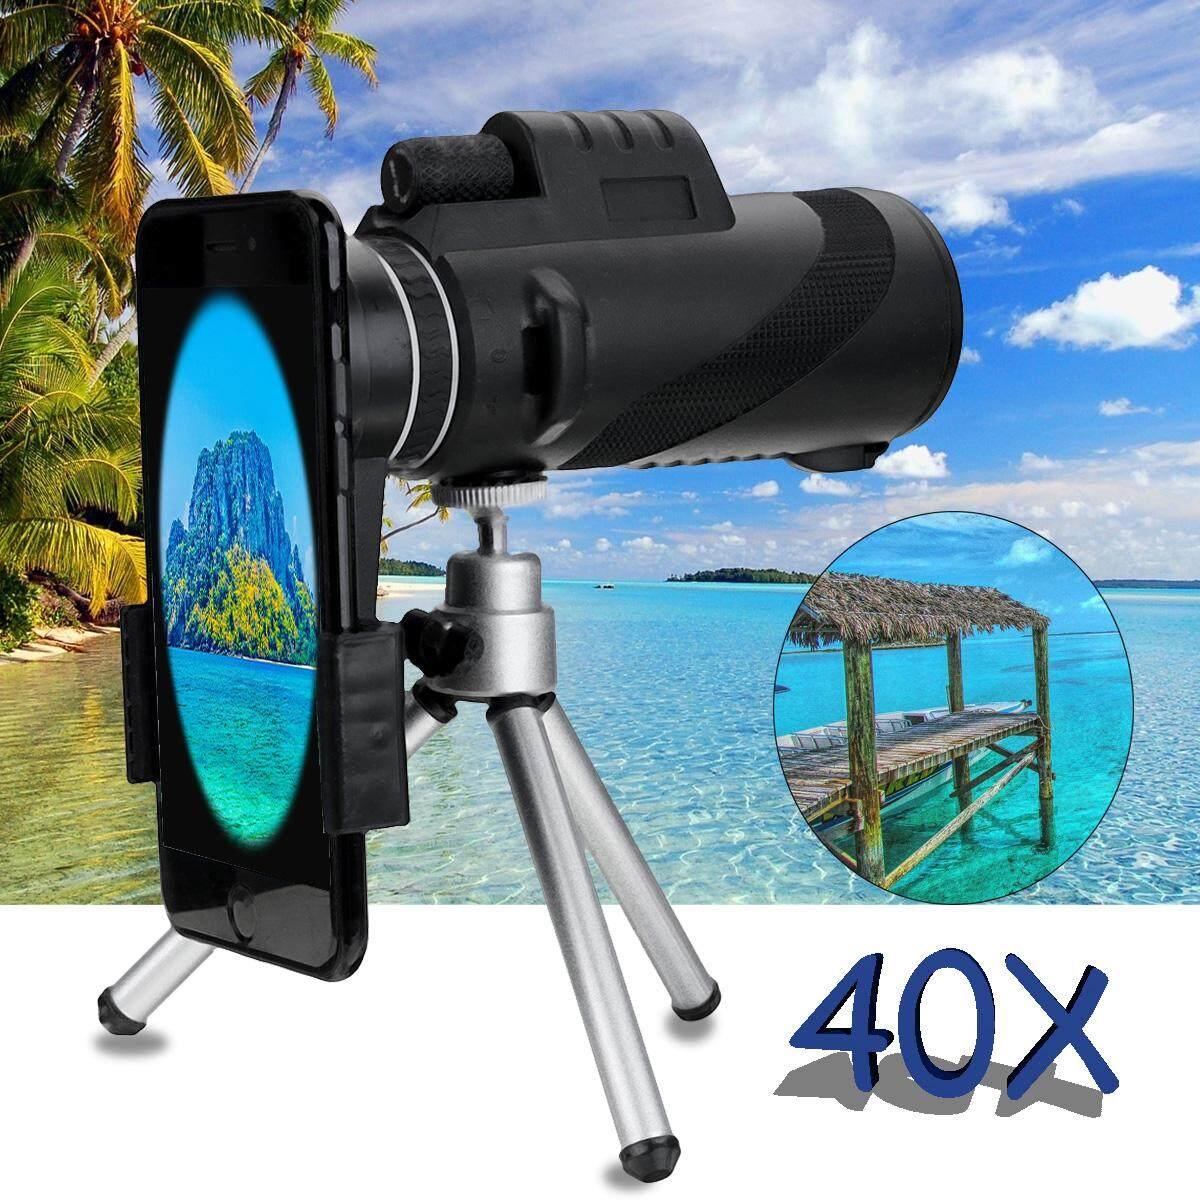 40X Zoom Lensa HD Teleskop Outdoor BAK4 Prism Kamera Ponsel Bermata dengan Tripod-Intl